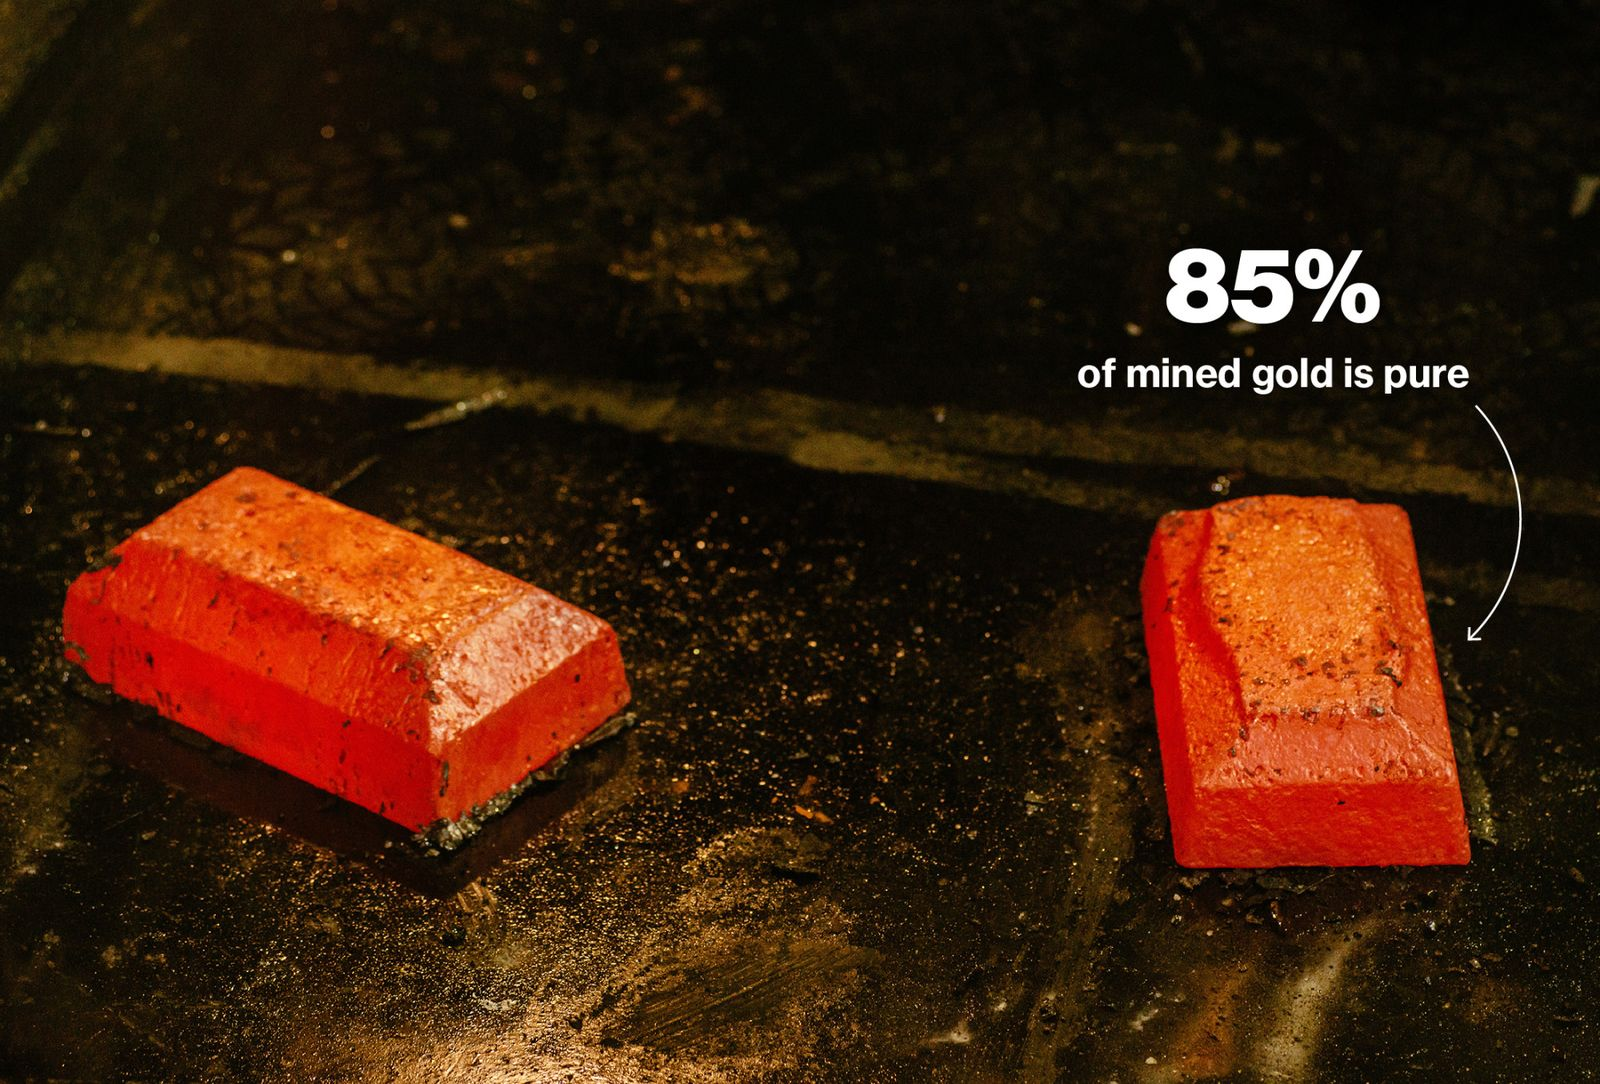 這些粗糙的金條在運往約翰內斯東部蘭德煉金廠(Rand Refinery)前,純度只有85%。 蘭德煉金廠將這些黃金加工成滿足倫敦黃金市場規格的99.99%的標準金條。